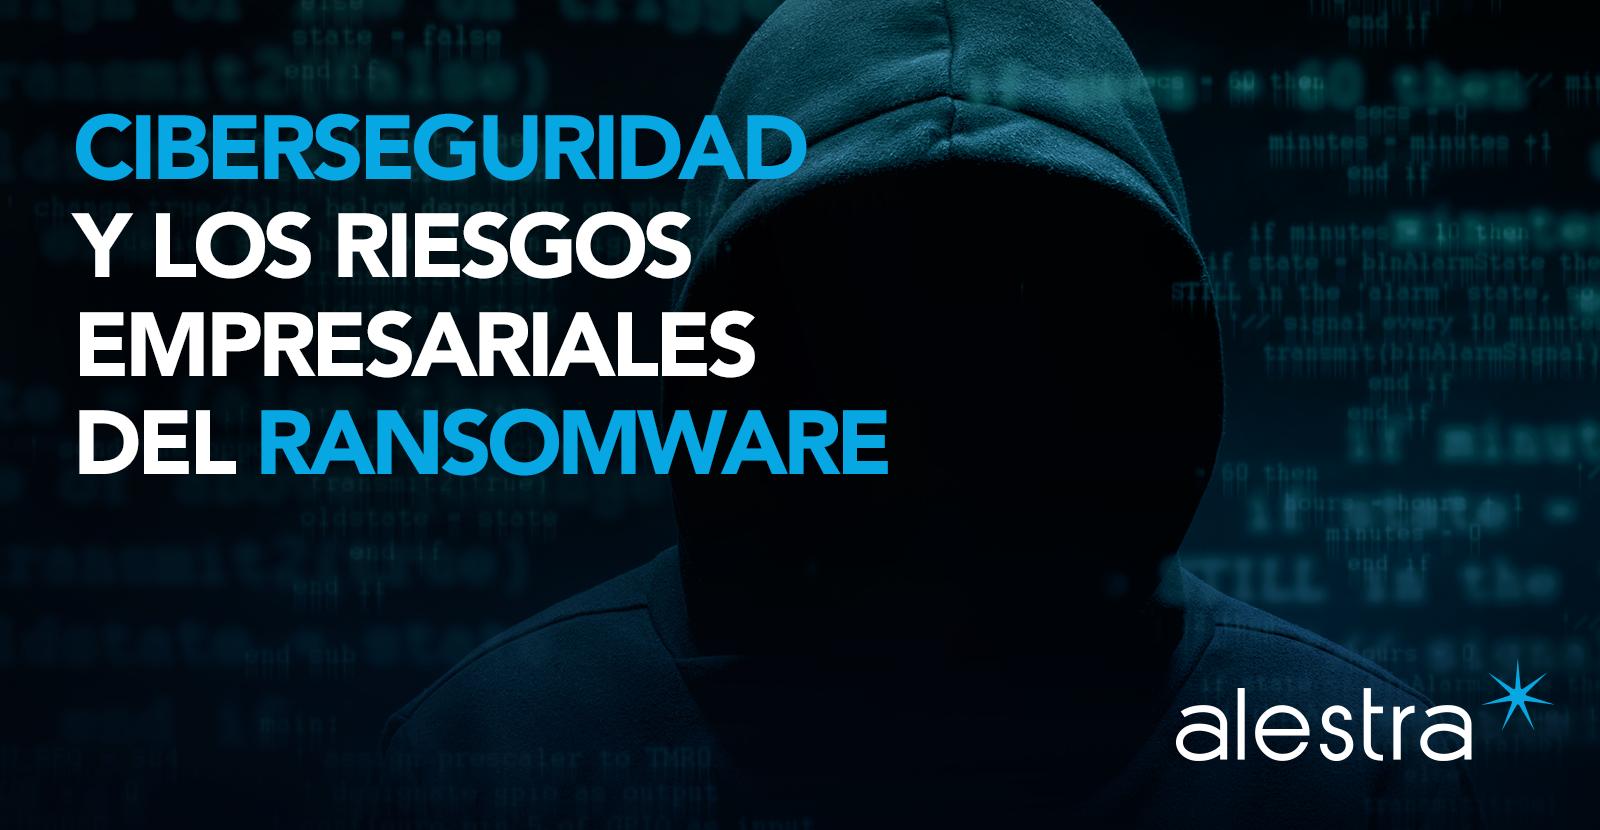 ciberseguridad-riesgos-ransomware.png